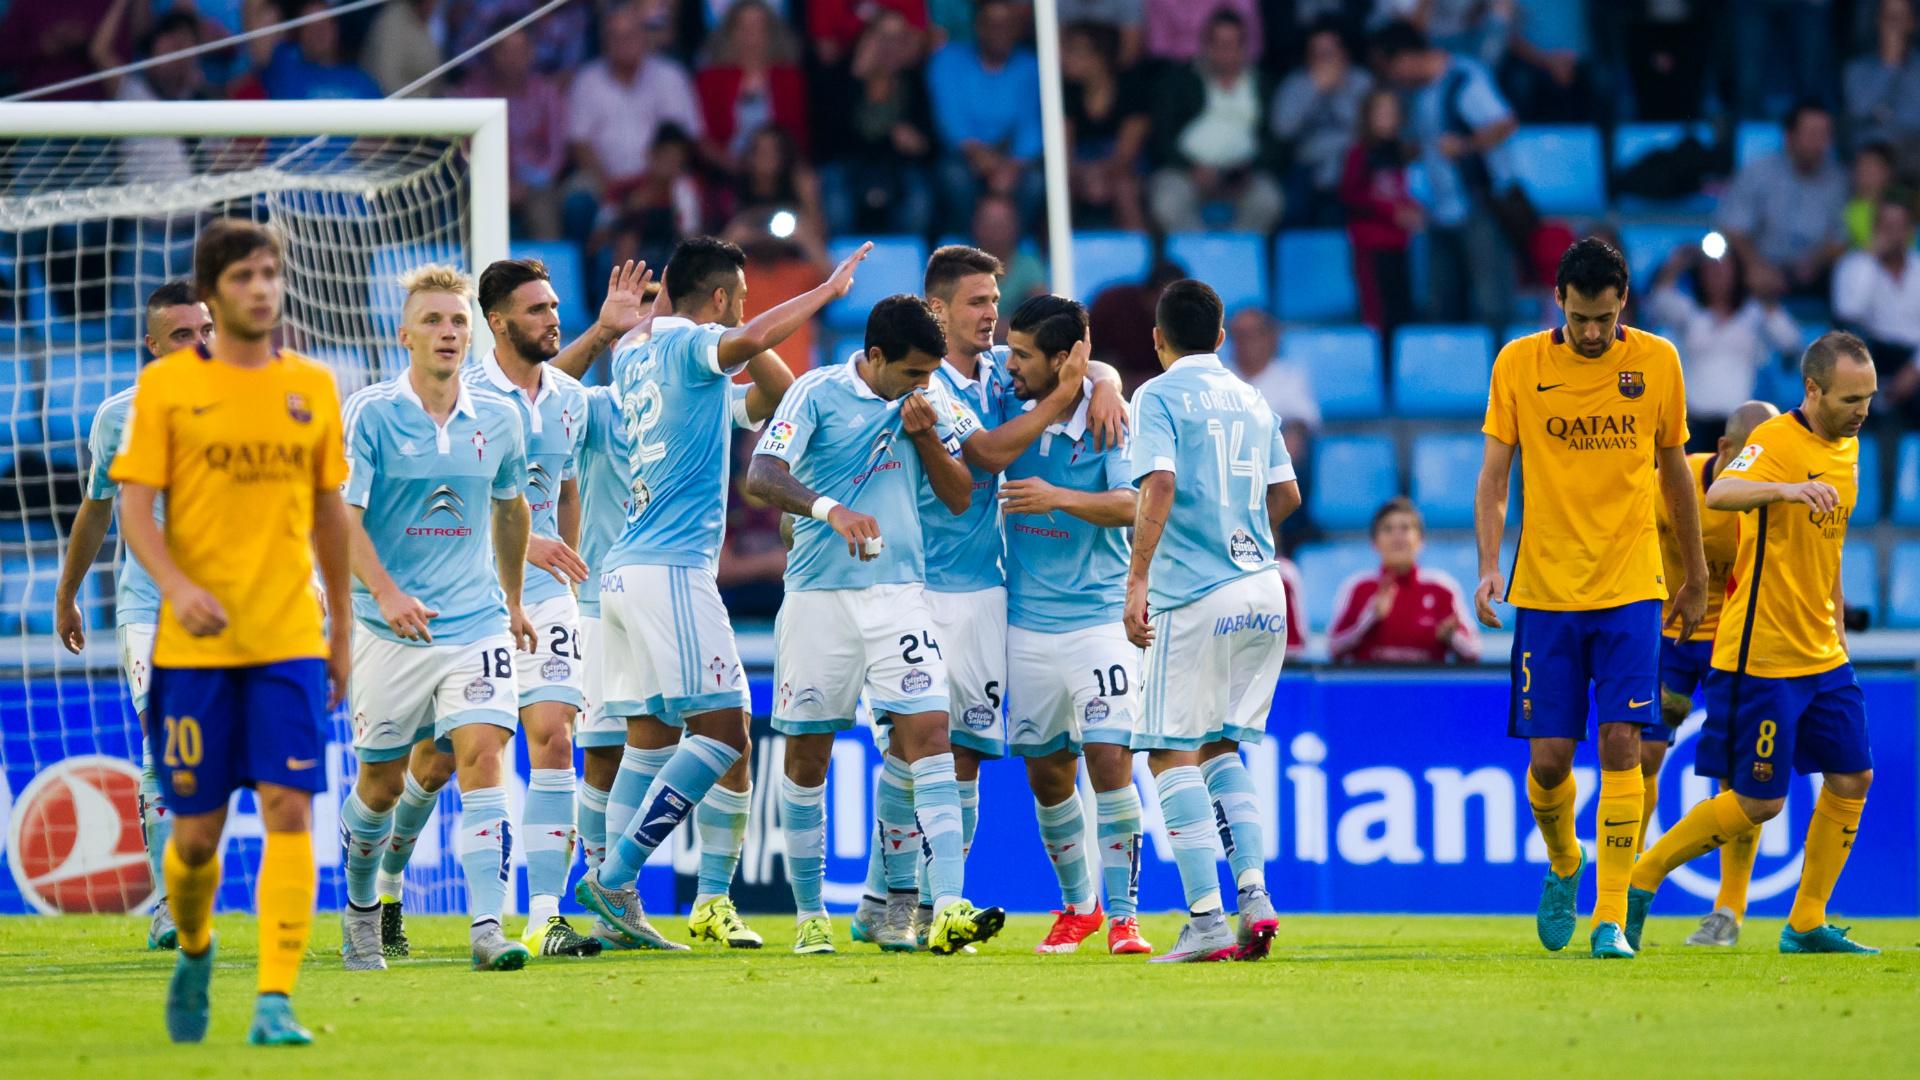 Nolito Celta Vigo Barcelona La Liga 09232015